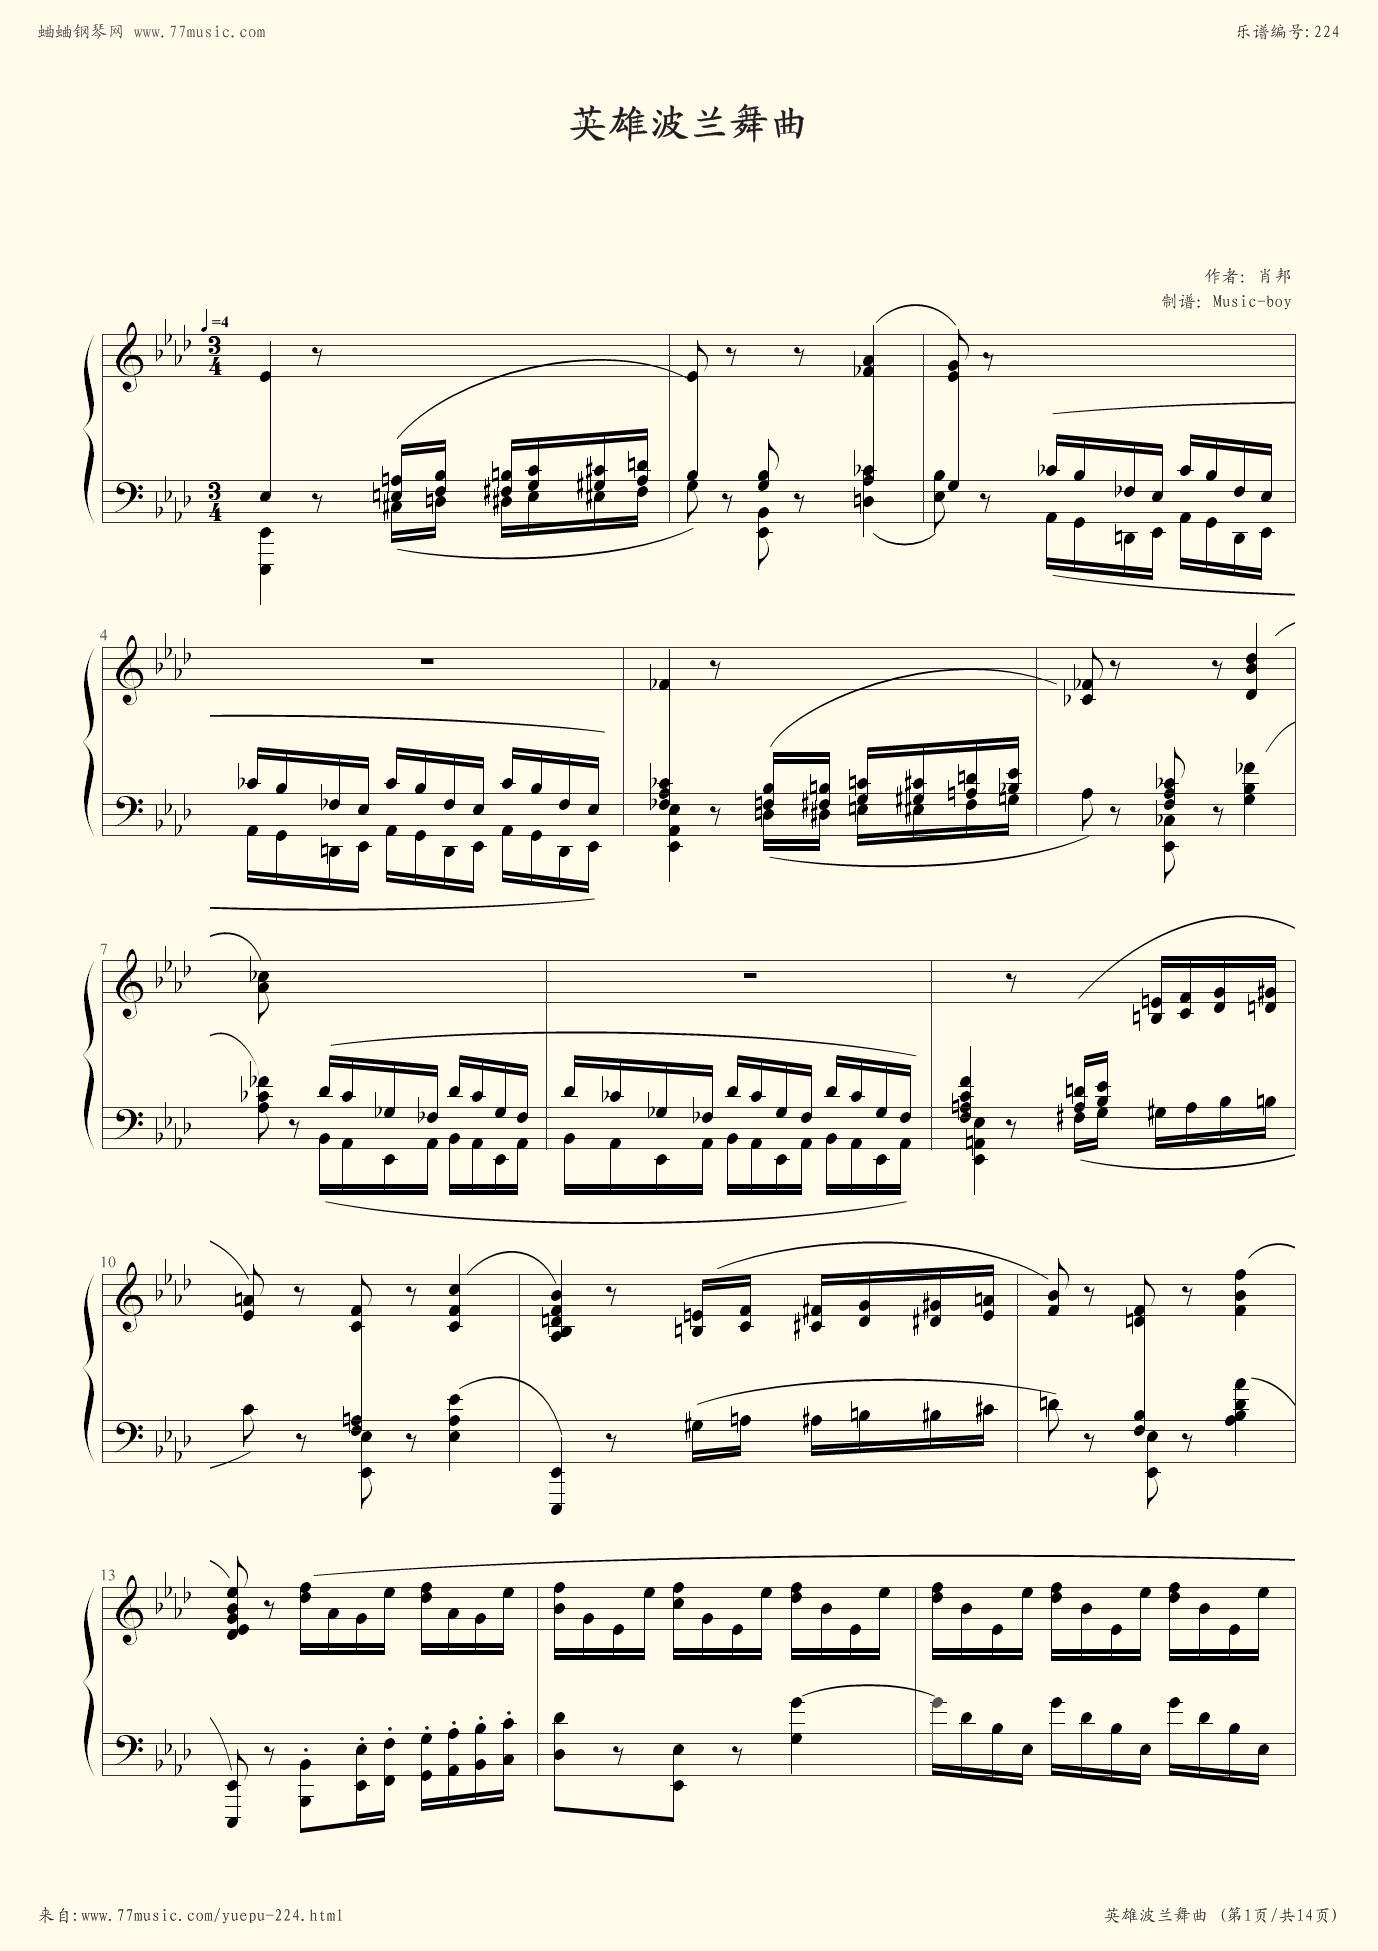 求英雄波兰舞曲曲谱(要清晰的曲谱); 虫虫网简谱虫虫钢琴网简谱 虫虫